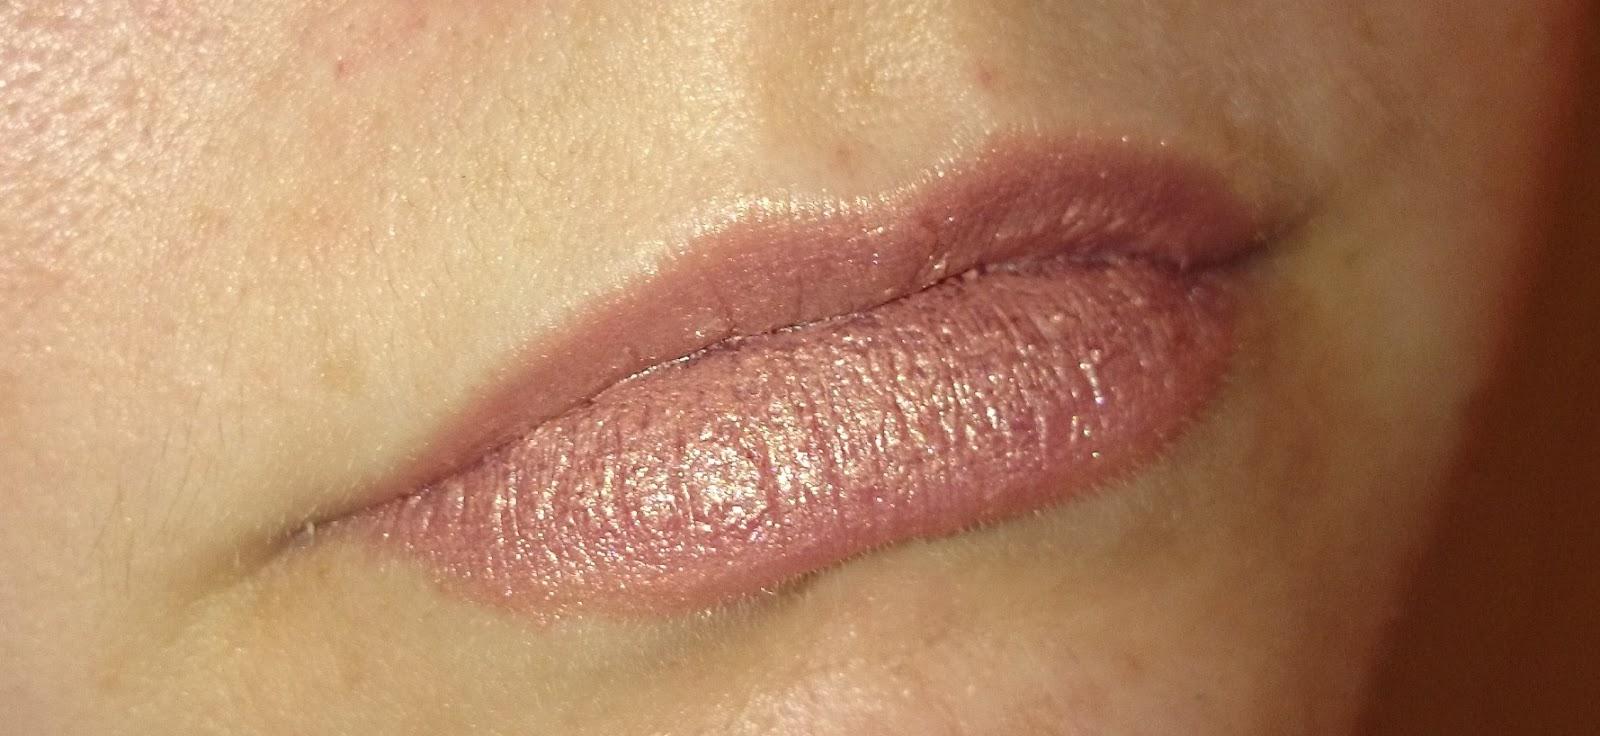 alverde Lippenstift 02 Shiny Terra aufgetragen